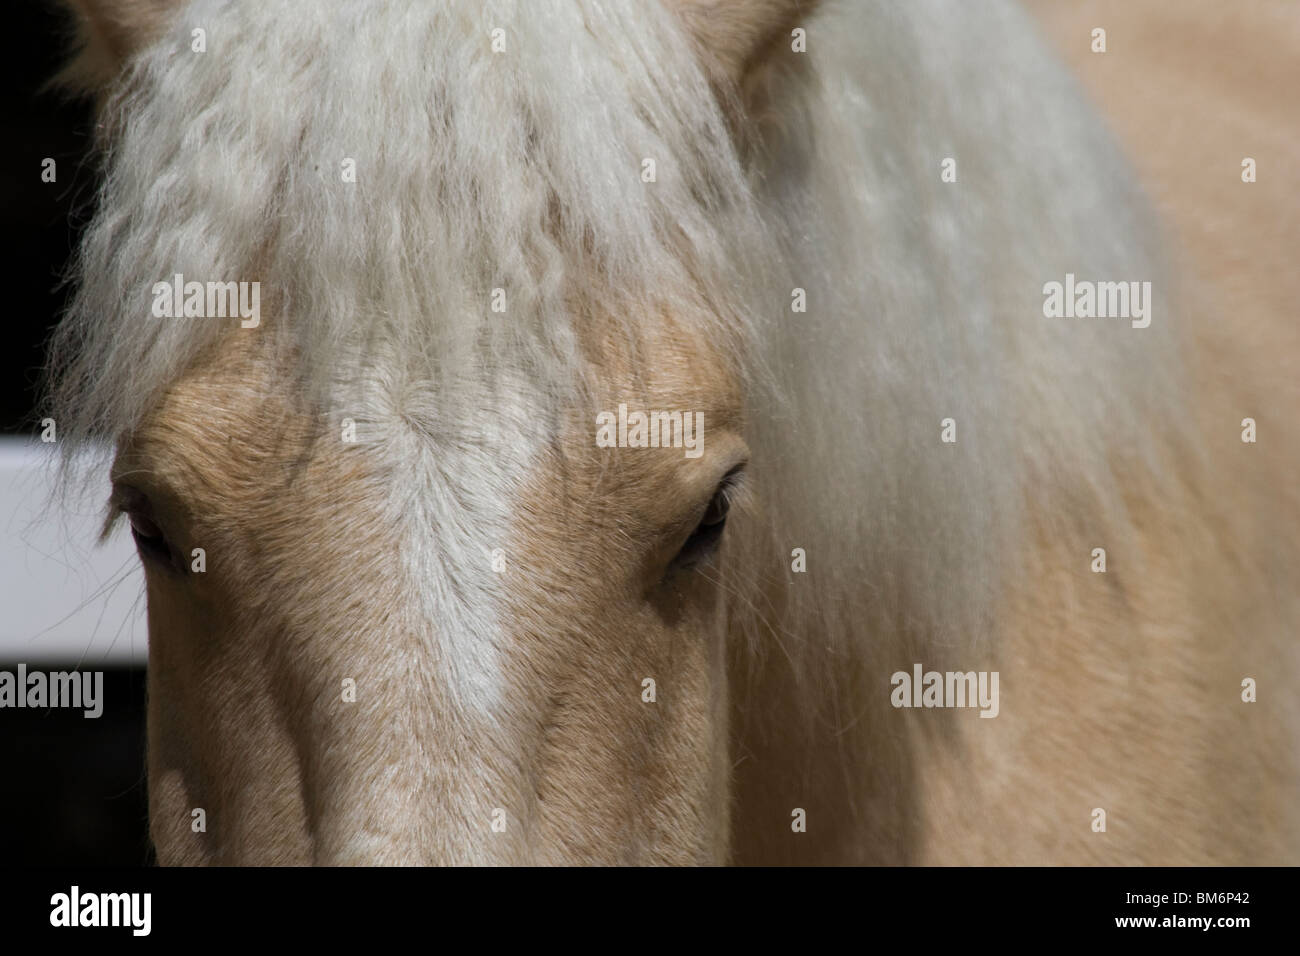 American Cream Draft Horse at Cosley Zoo. (Equus caballus caballus) - Stock Image